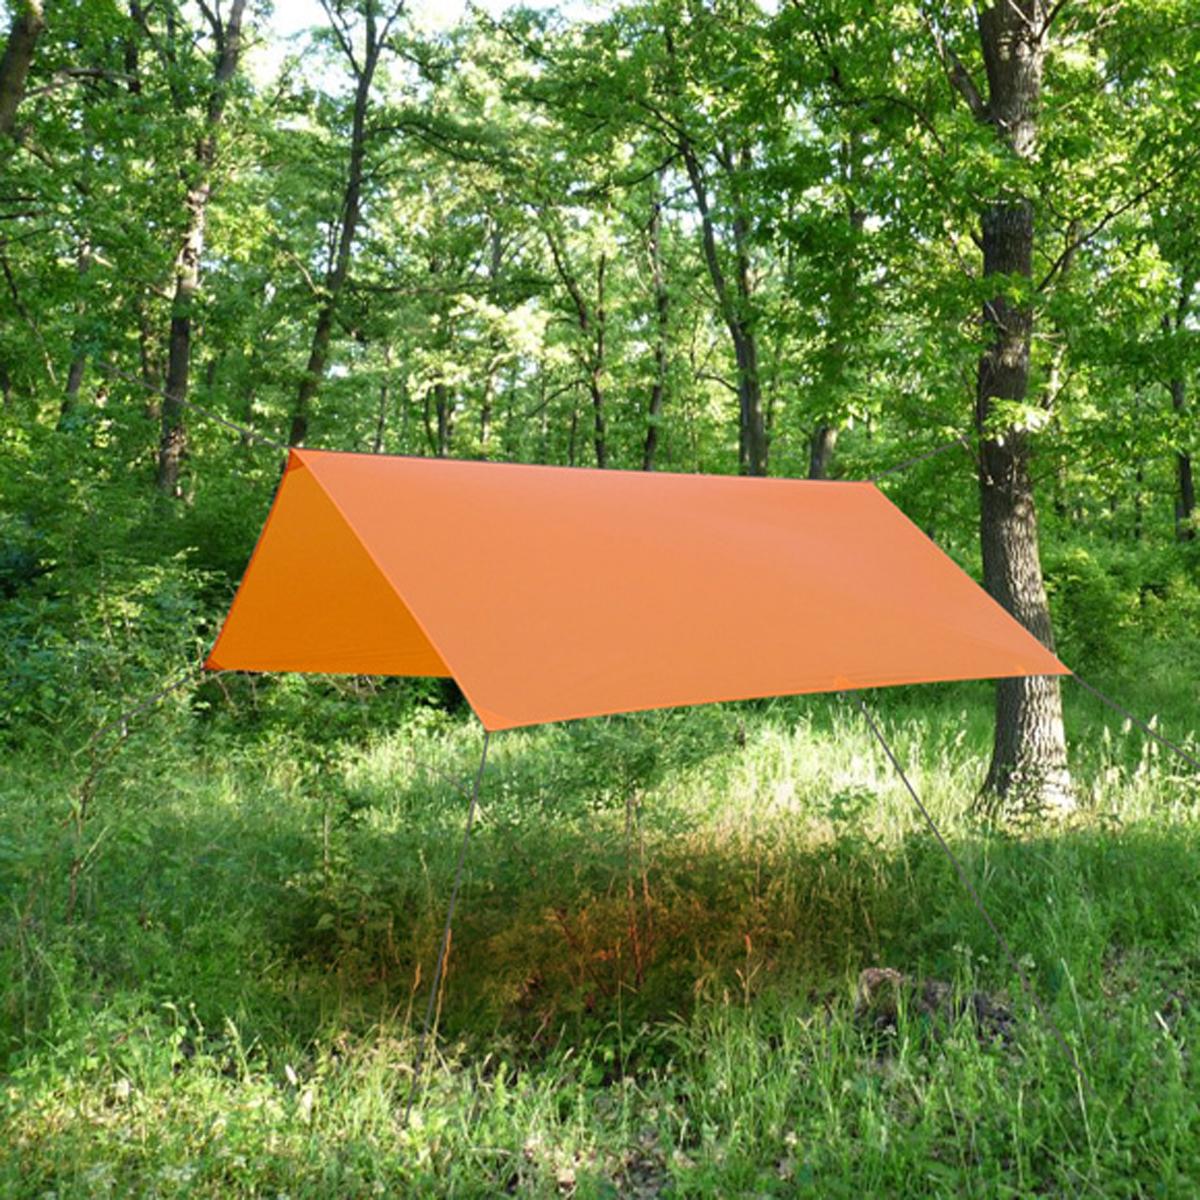 Тент Сплав Cowl, цвет: оранжевый, 2,7 x 3 м5052775Габариты и вес: Размер (ДхШ): 270х285 см Размеры в упакованном виде (ДхШхВ): 22х10х10 см Вес с упаковкой: 447 г Вес без упаковки: 437 г Материал: Nylon 30D*30D Ripstop Si/Si 2000 мм Плотность материала: 45 г/м2 Двухстороннее силиконовое покрытие Внимание оттяжки в комплект не входят! Для установки рекомендуется использовать веревку